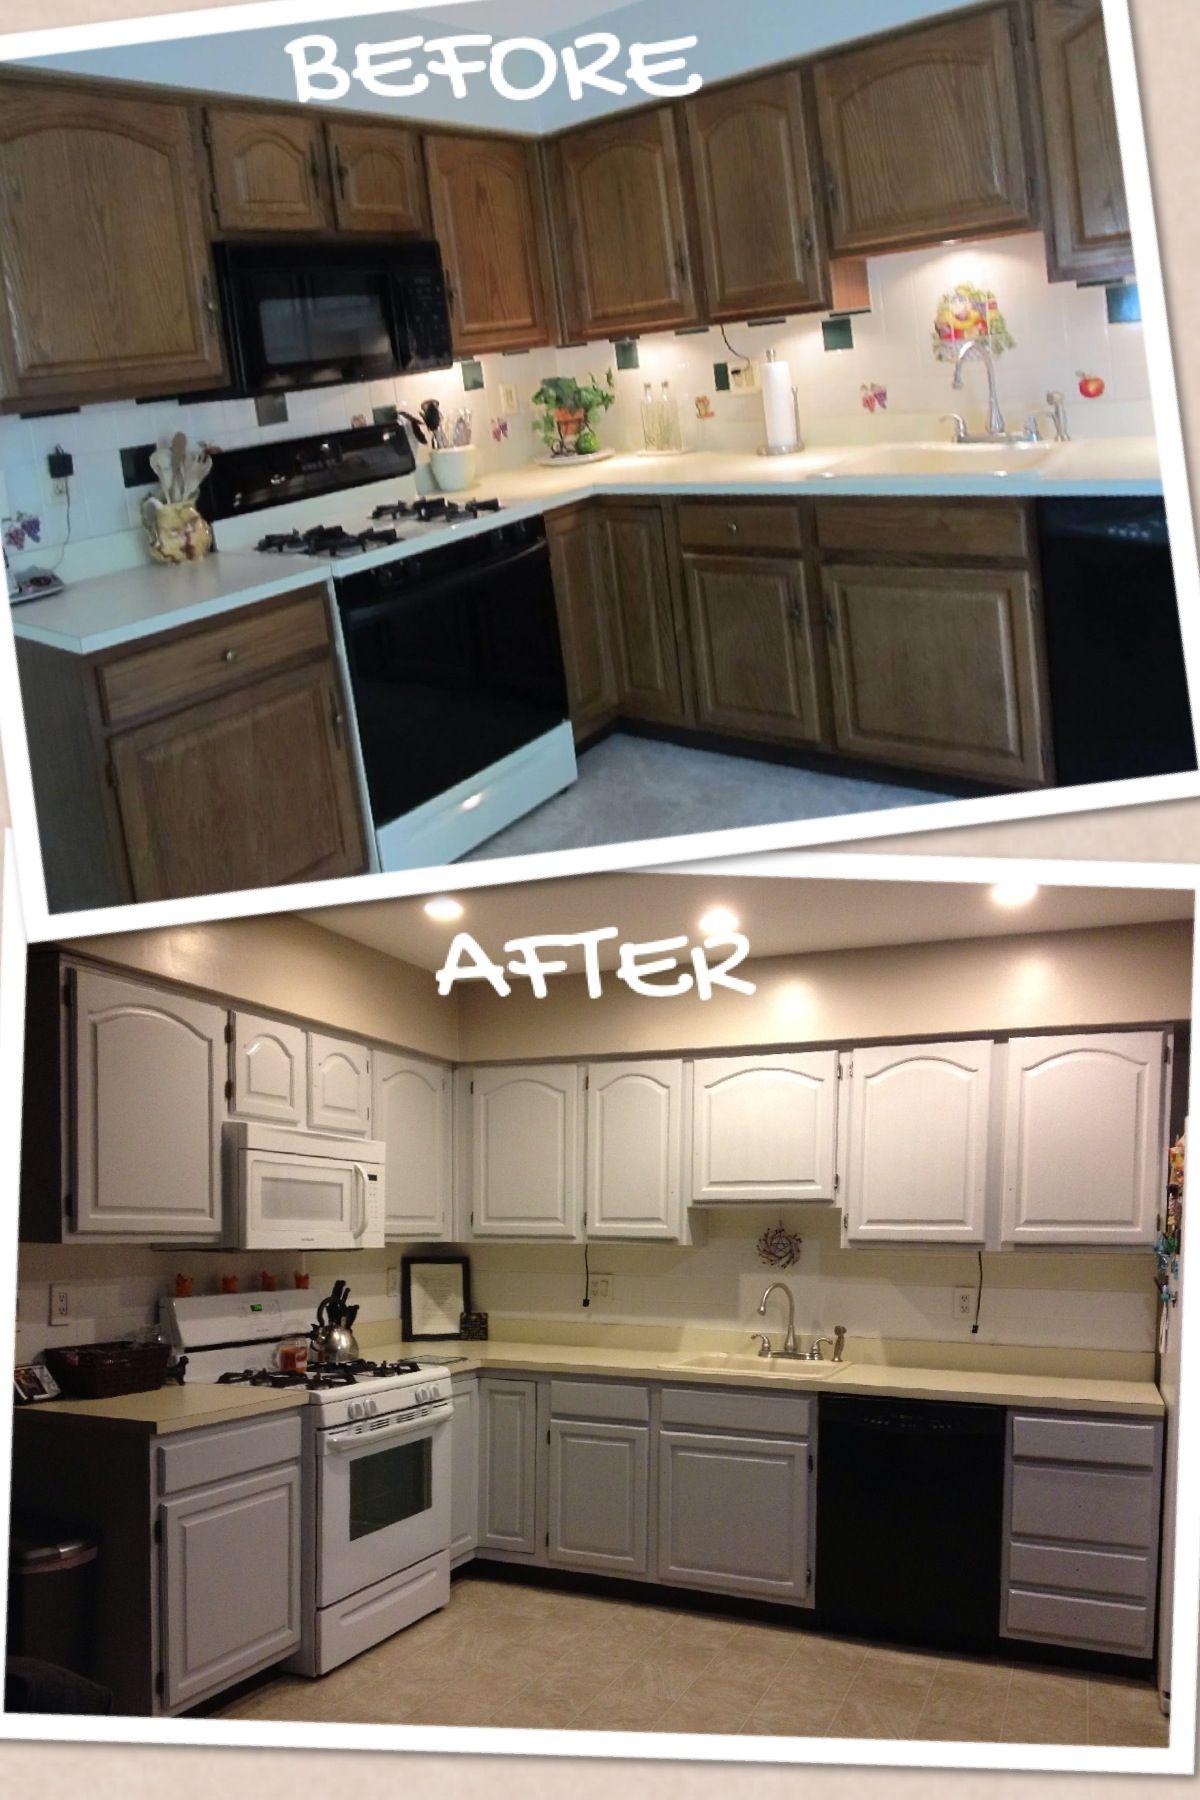 Painted Cabinets And Backsplash Makes A Huge Difference Valspar S Bonding Primer Valspar S Gravi Kitchen Cabinets Updated Kitchen Refacing Kitchen Cabinets